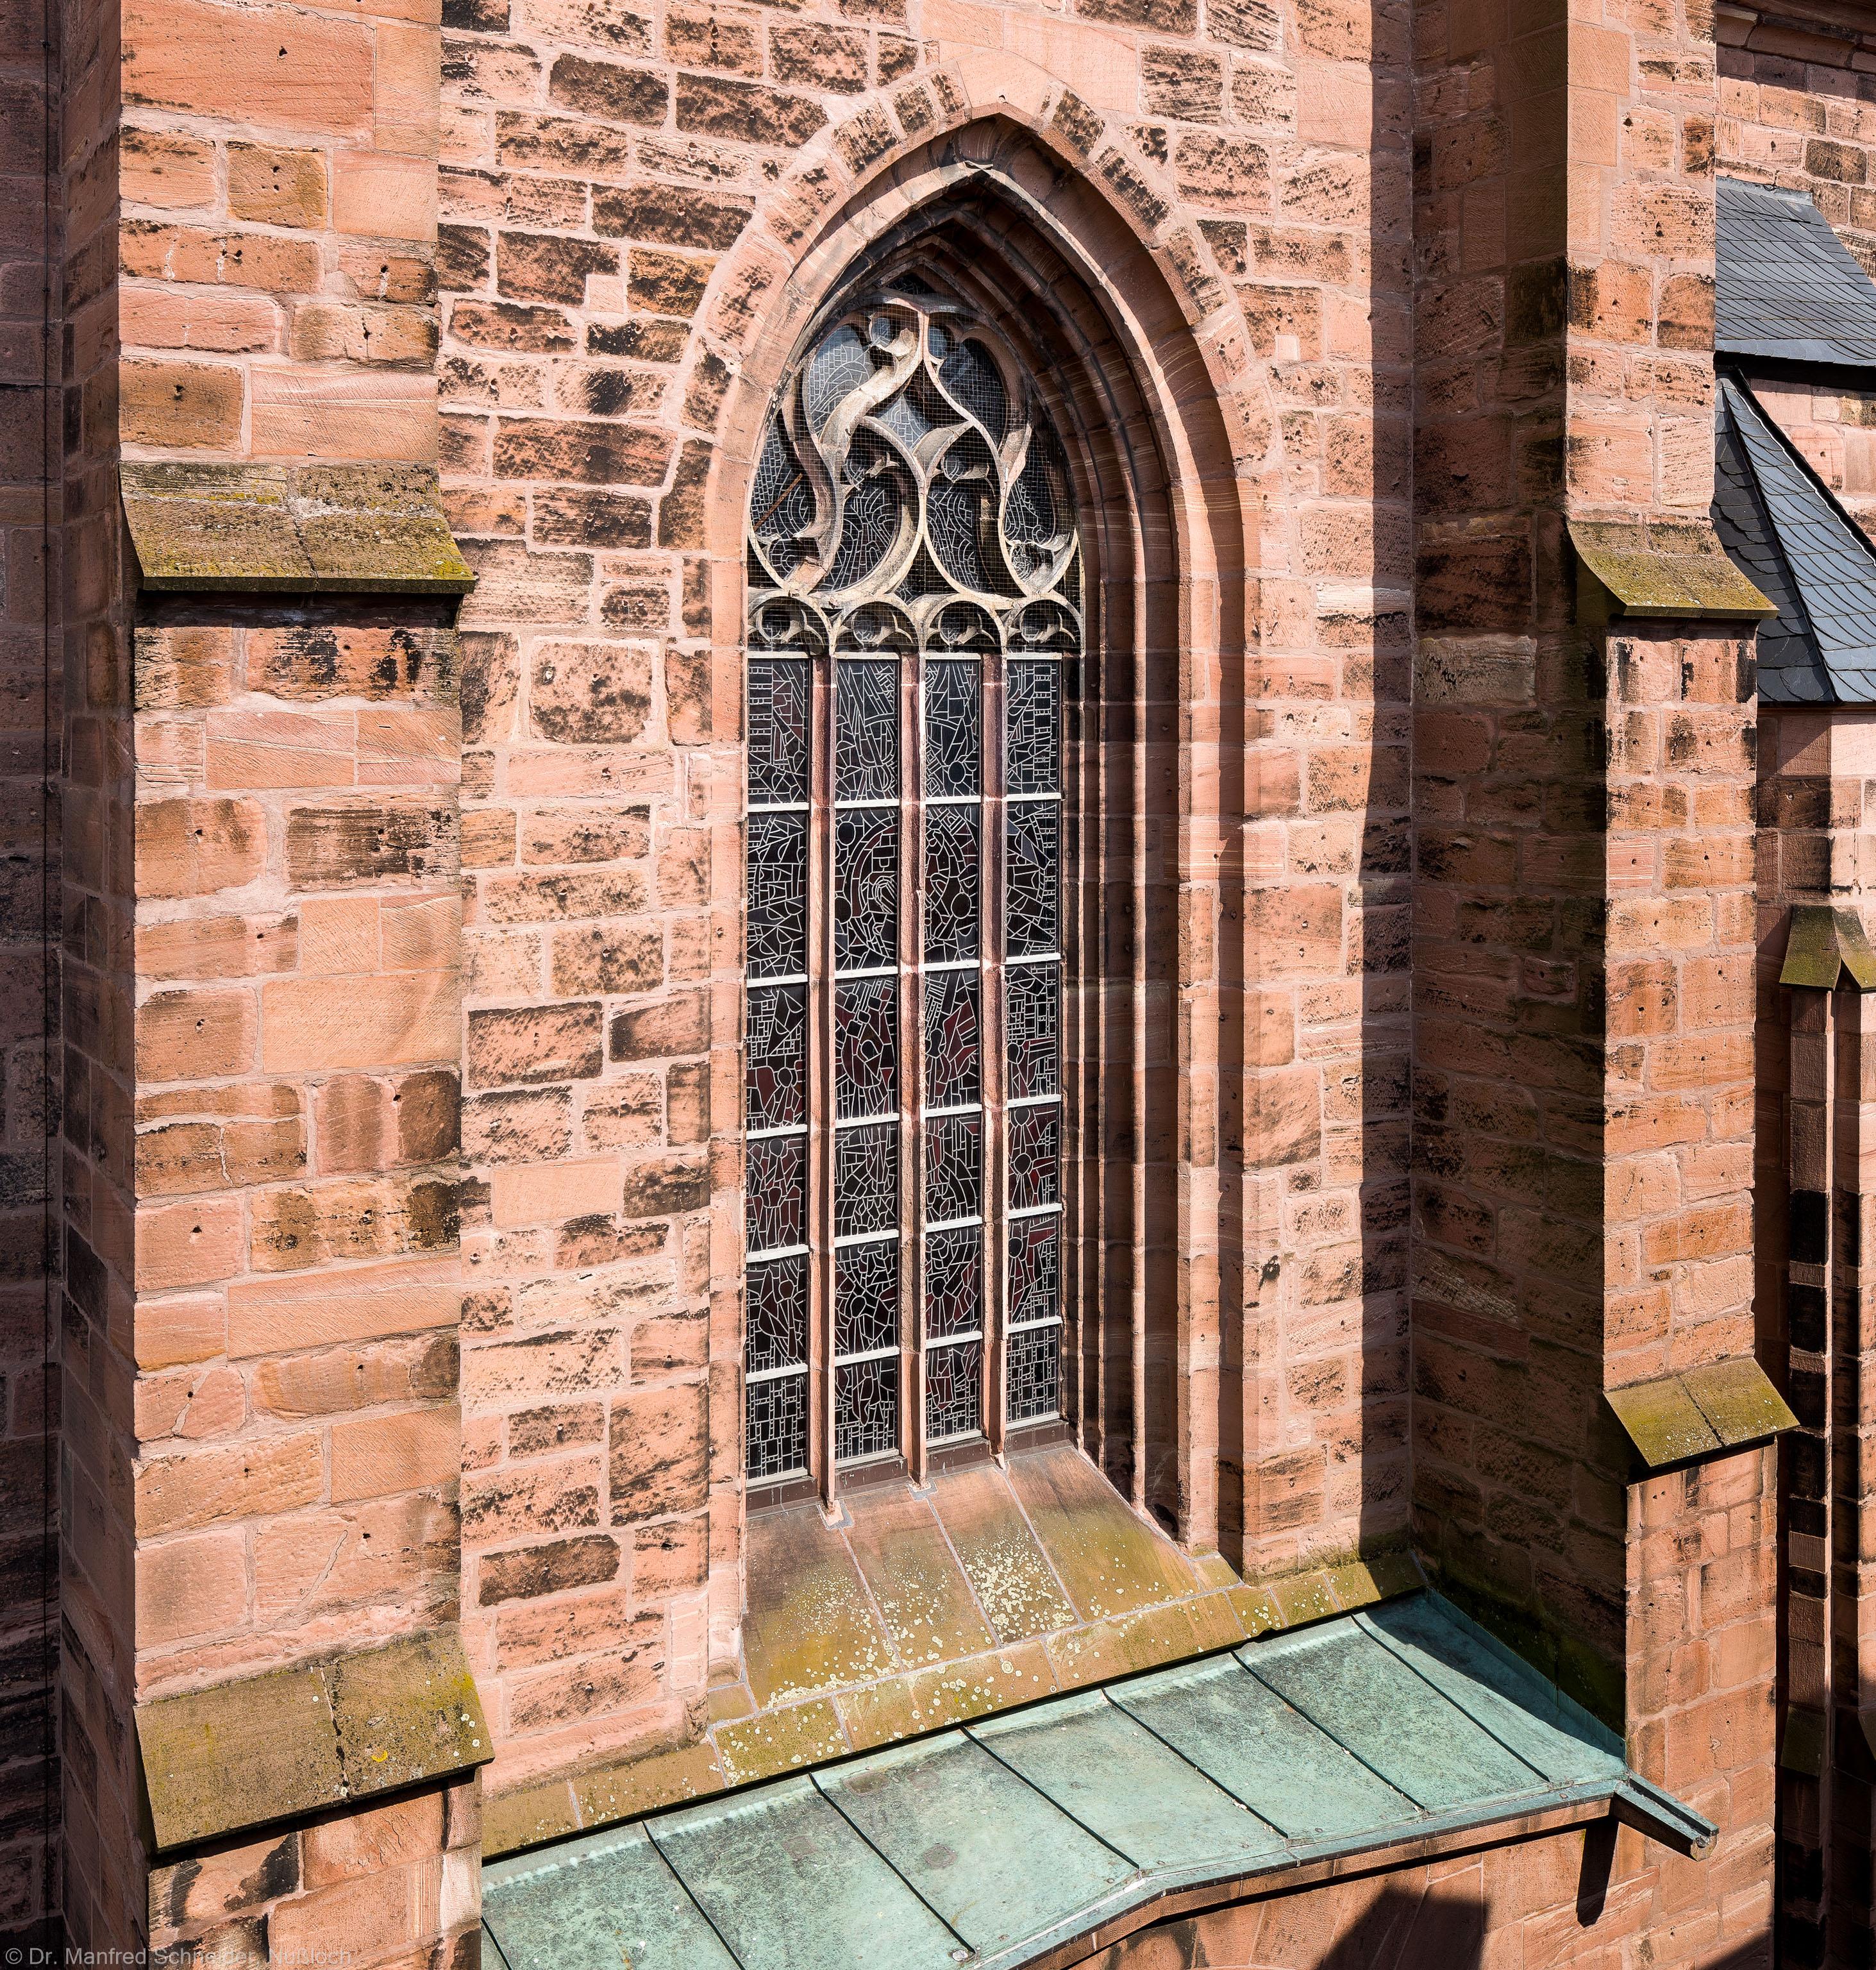 """Heidelberg - Heiliggeistkirche - Westbau - Blick vom 3. Stock des Sozialamtes (im Haus Fischmarkt 2) auf den Westbau und das """"Offenbarungsfenster"""" von Hans Gottfried von Stockhausen (aufgenommen im Juli 2013, am späten Nachmittag)"""